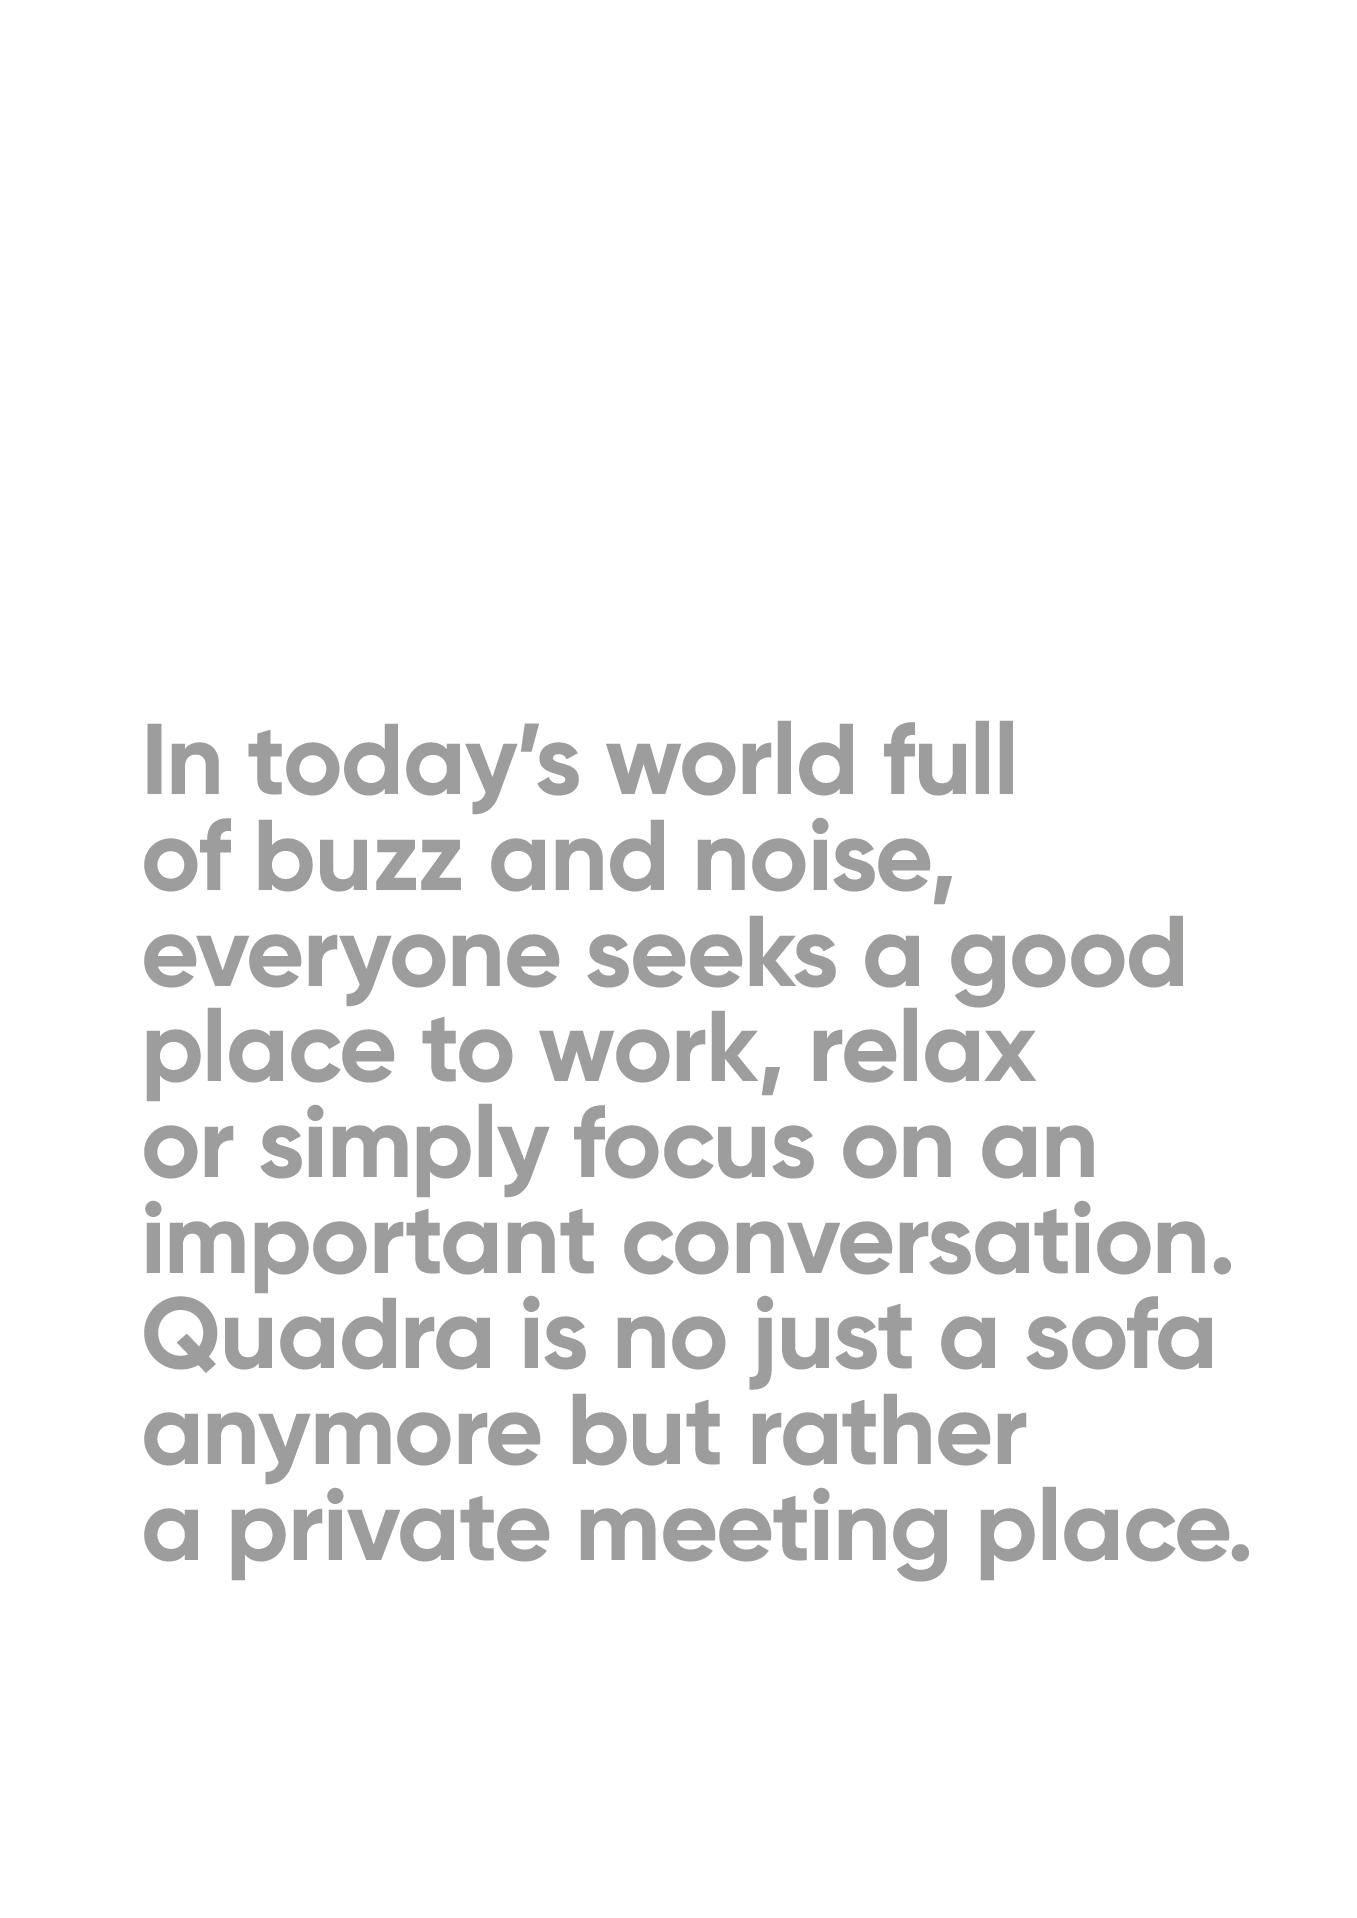 katalog-quadra-02.jpg